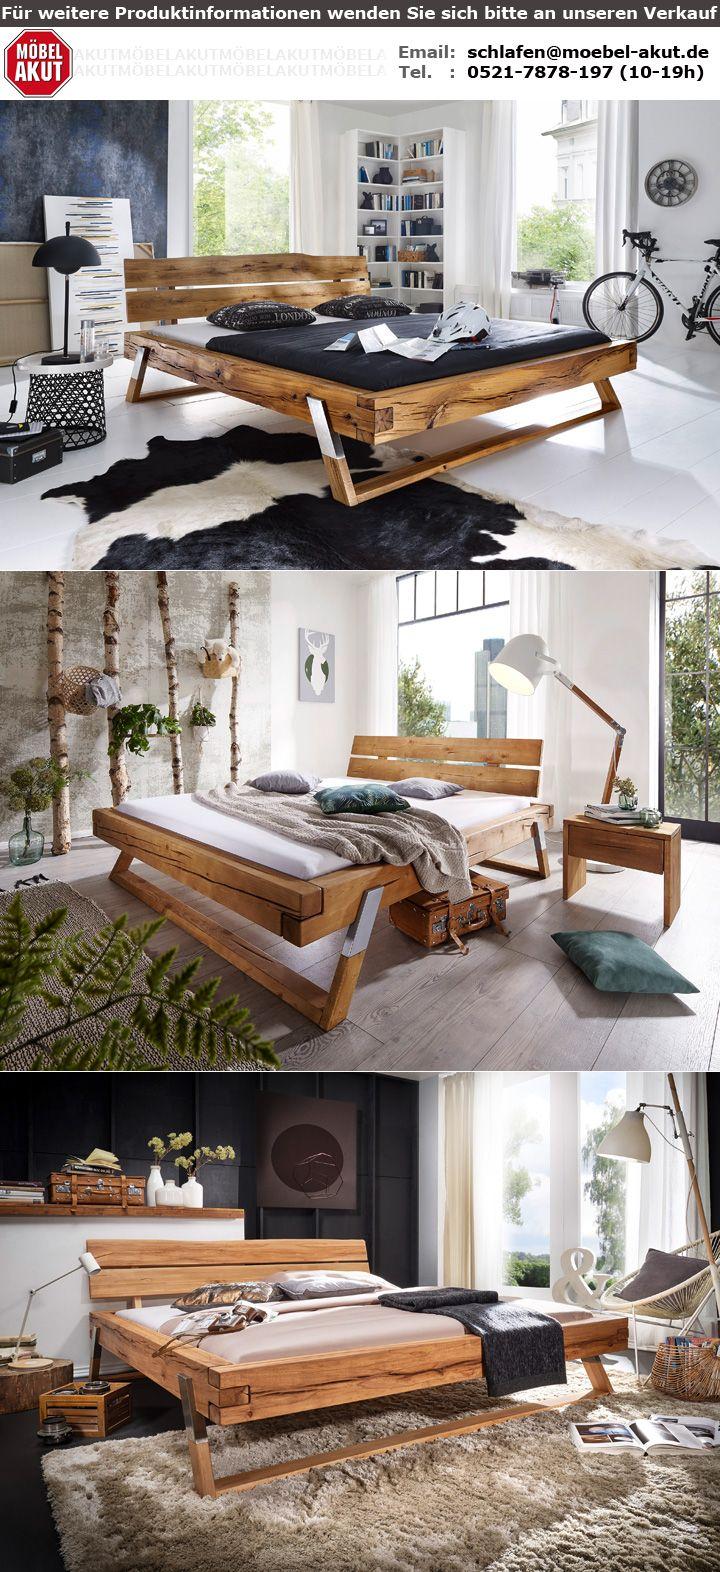 balkenbett gojo doppelbett bett in wildeiche fichte wildbuche massiv 180x200 cm ebay. Black Bedroom Furniture Sets. Home Design Ideas